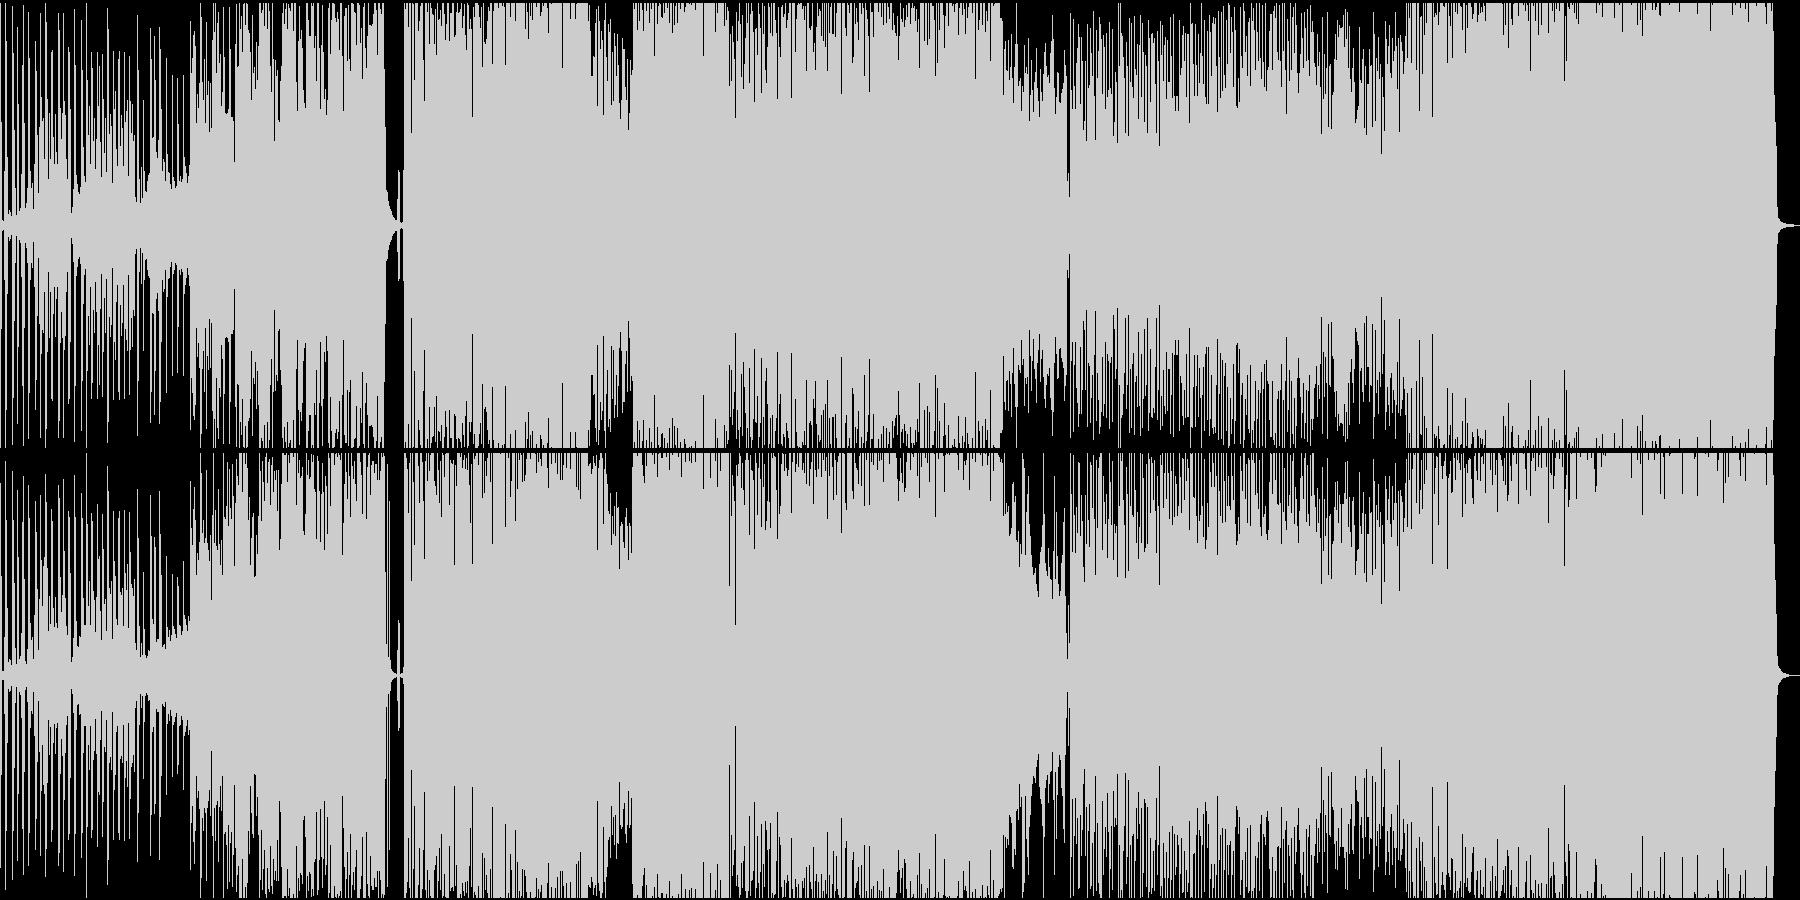 近未来的高級感溢れるデジタルサウンドの未再生の波形